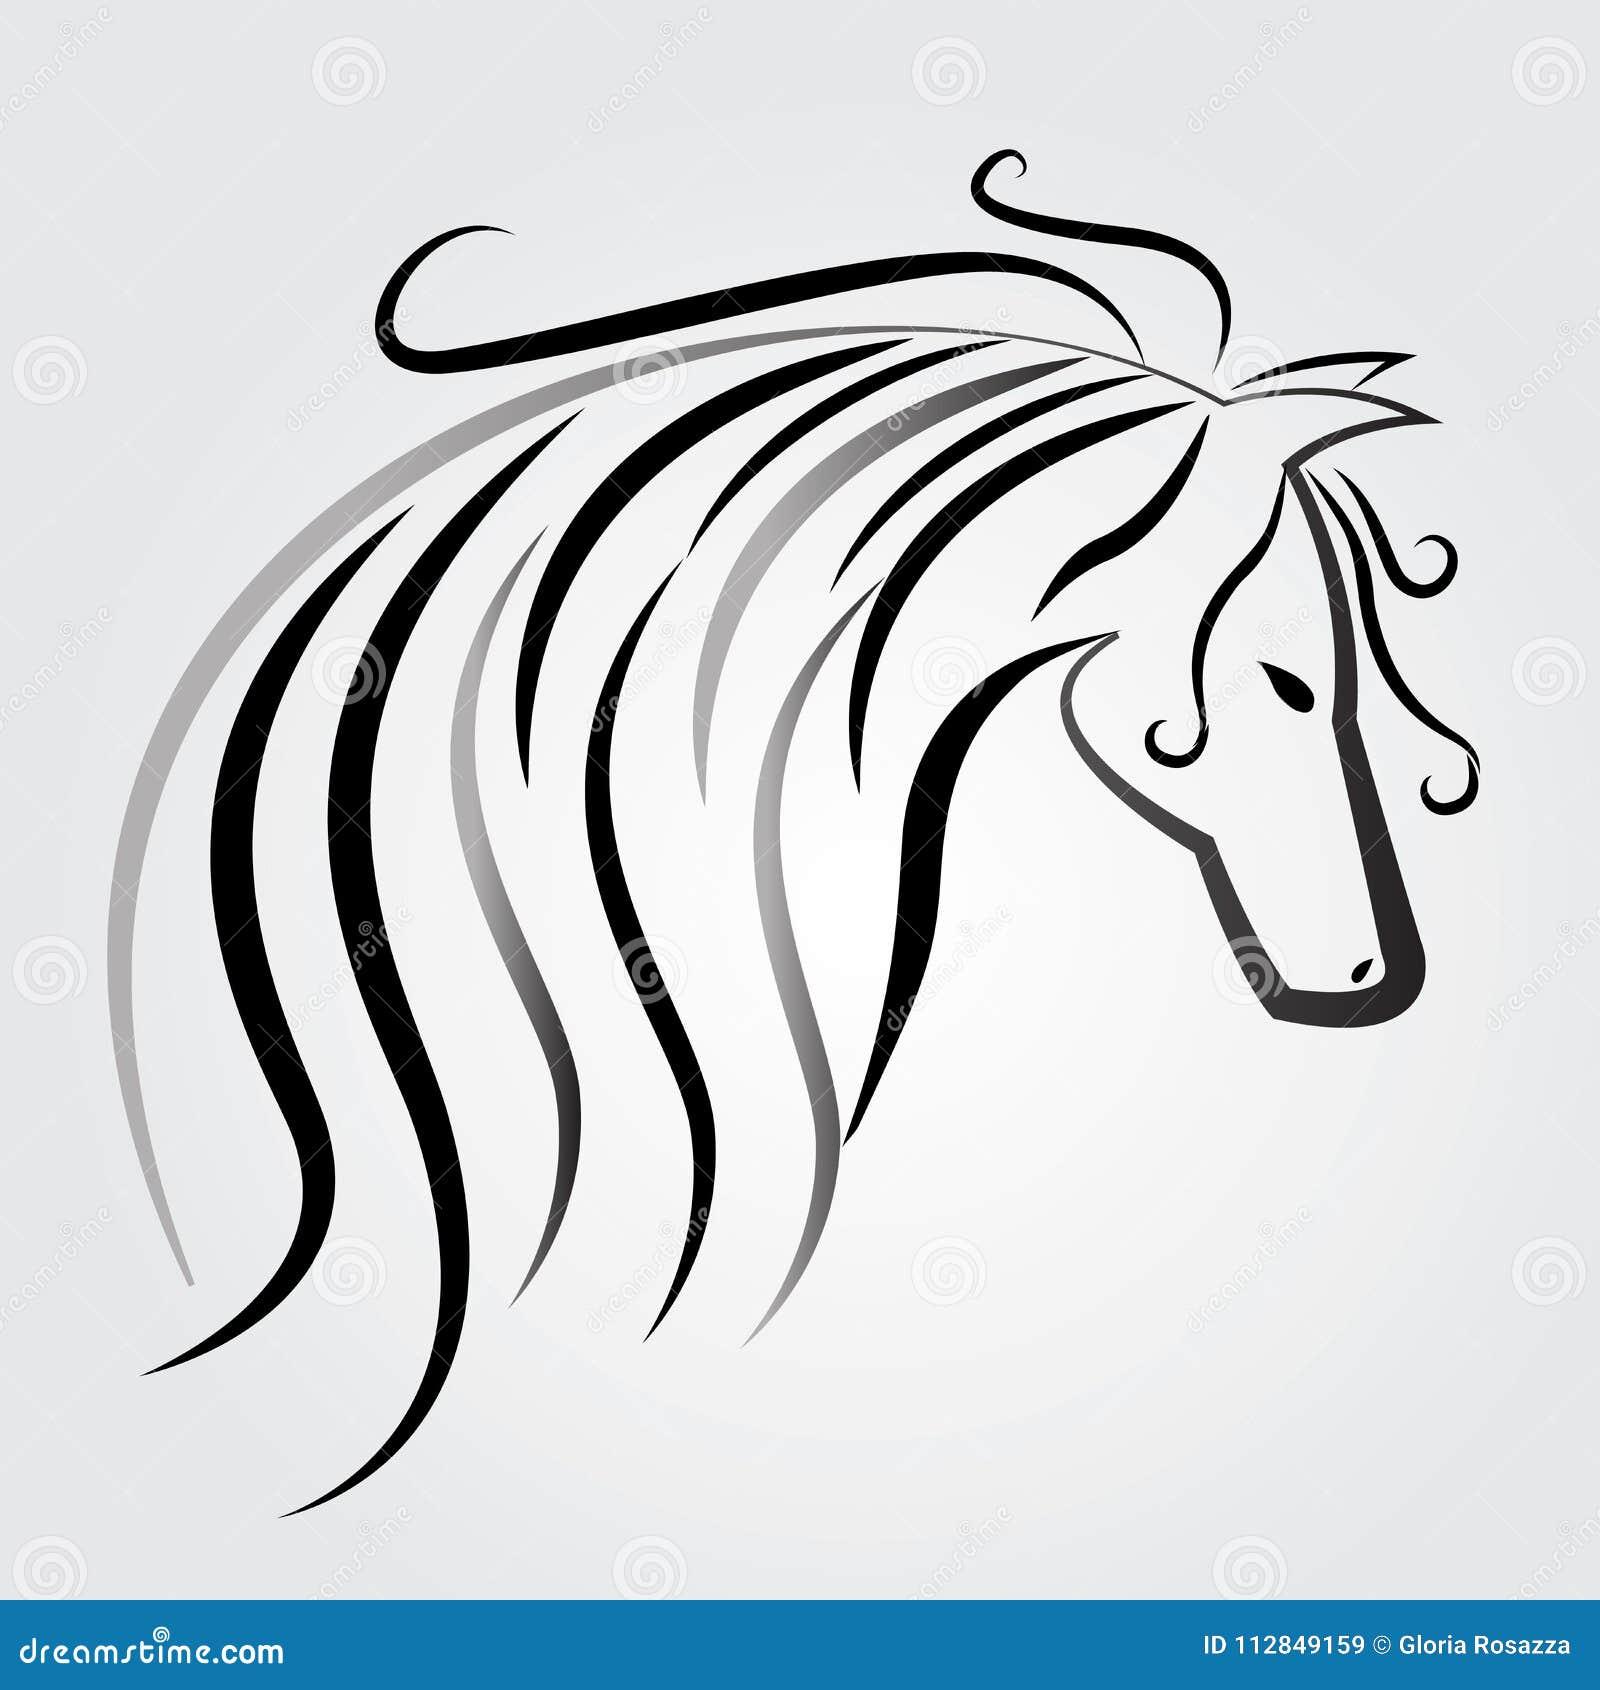 Όμορφο αλόγων διάνυσμα εικόνας ετικετών συμβόλων δελτίων ταυτότητας λογότυπων διανυσματικό